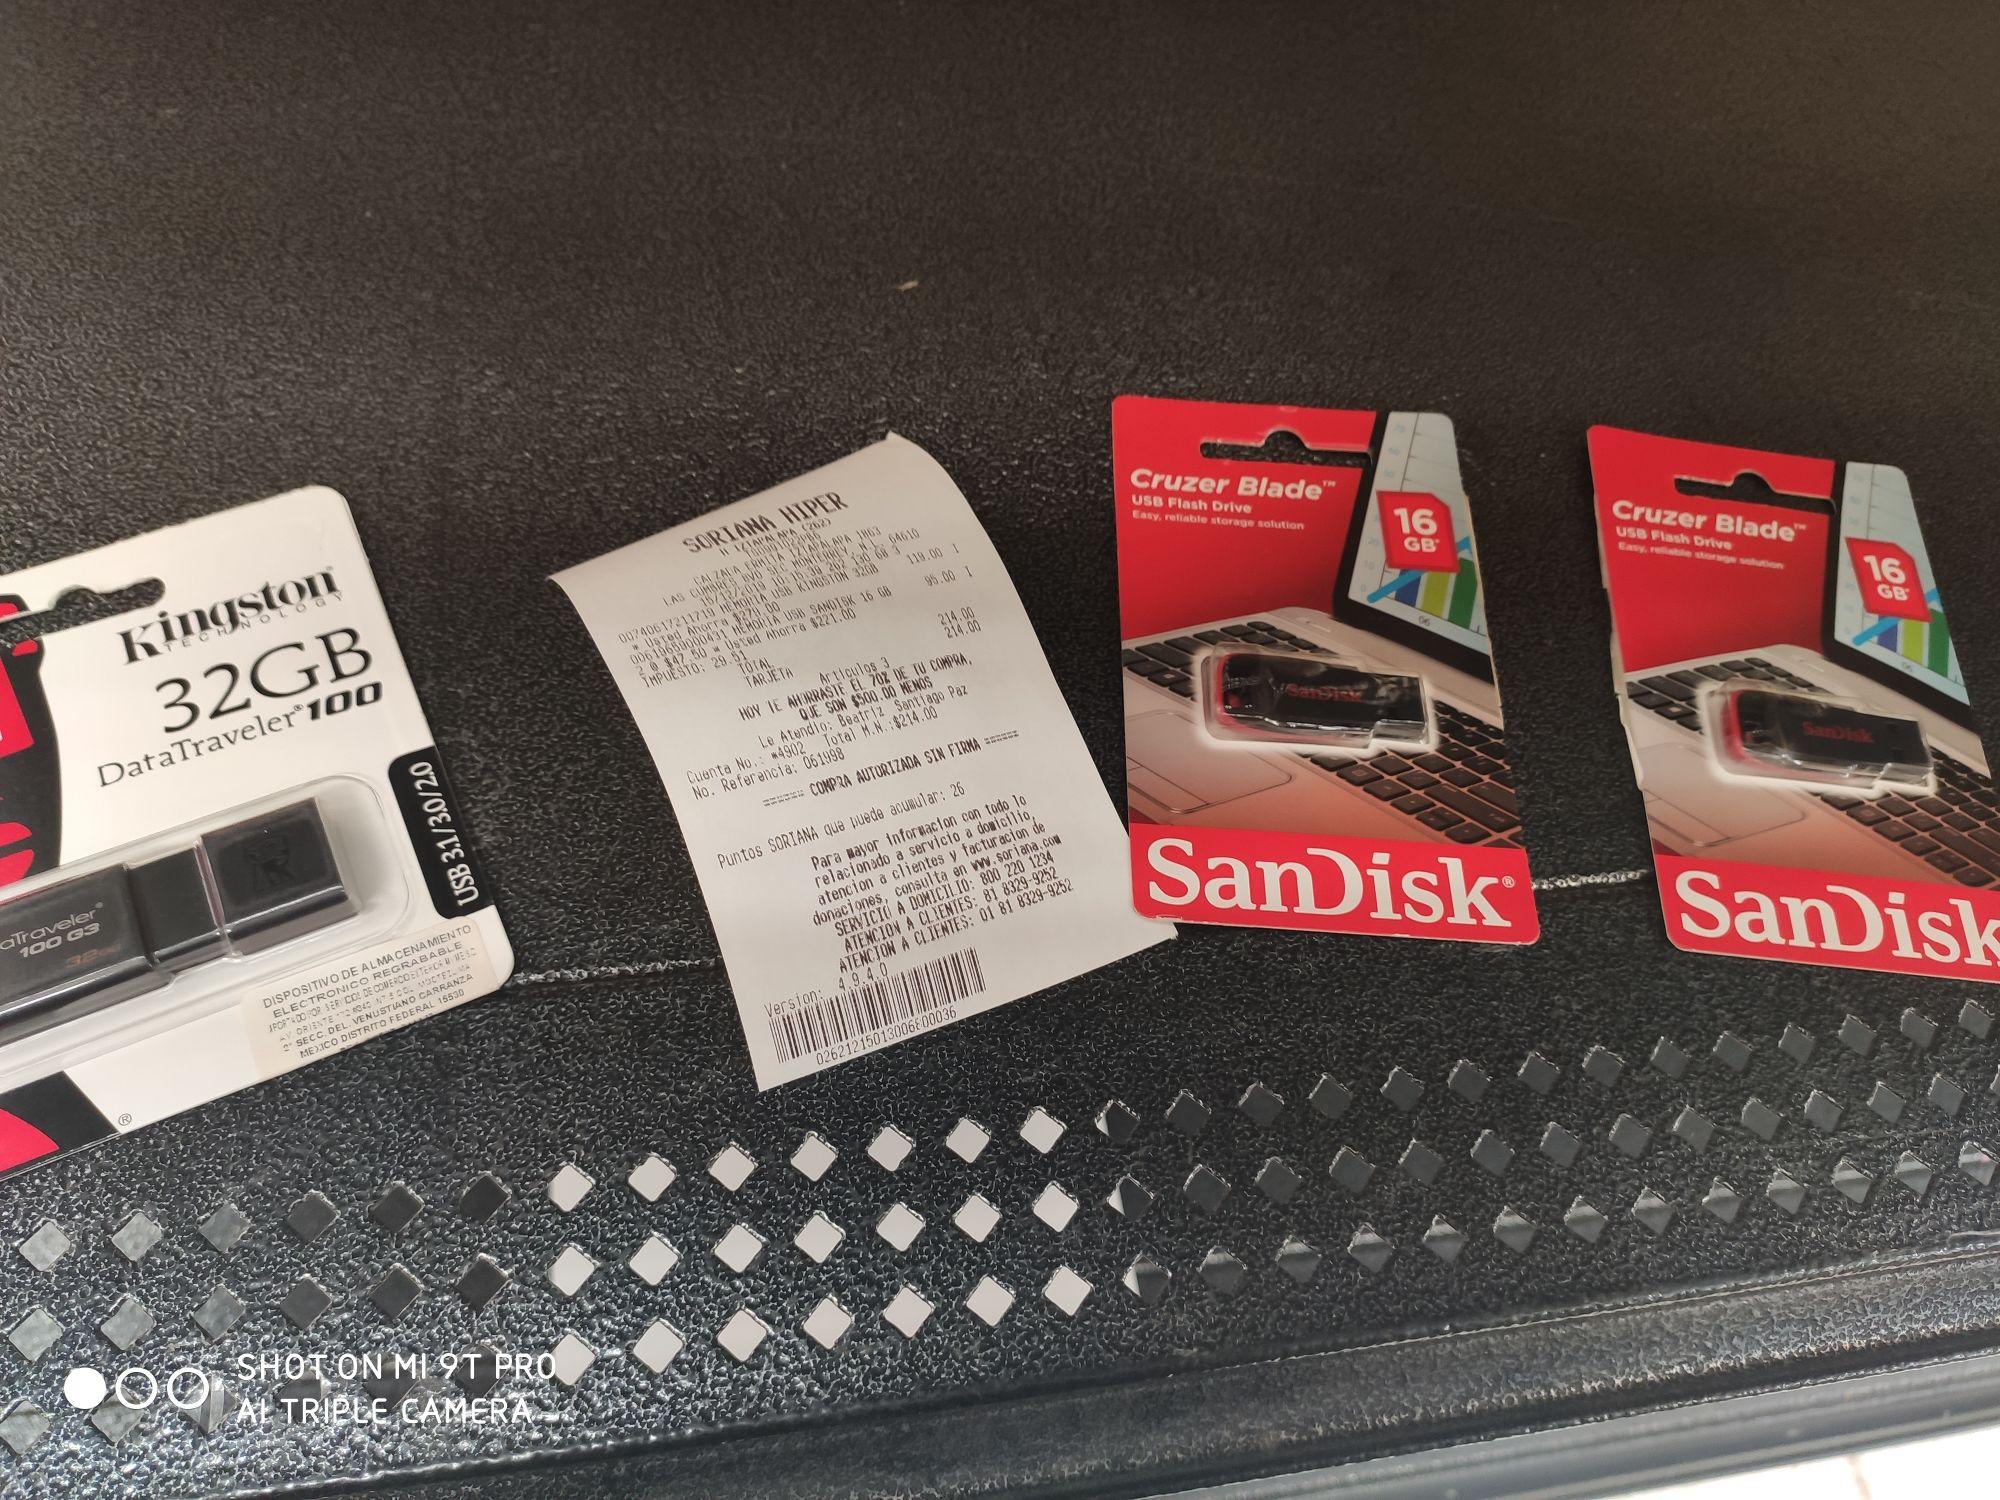 Soriana: Memorias USB